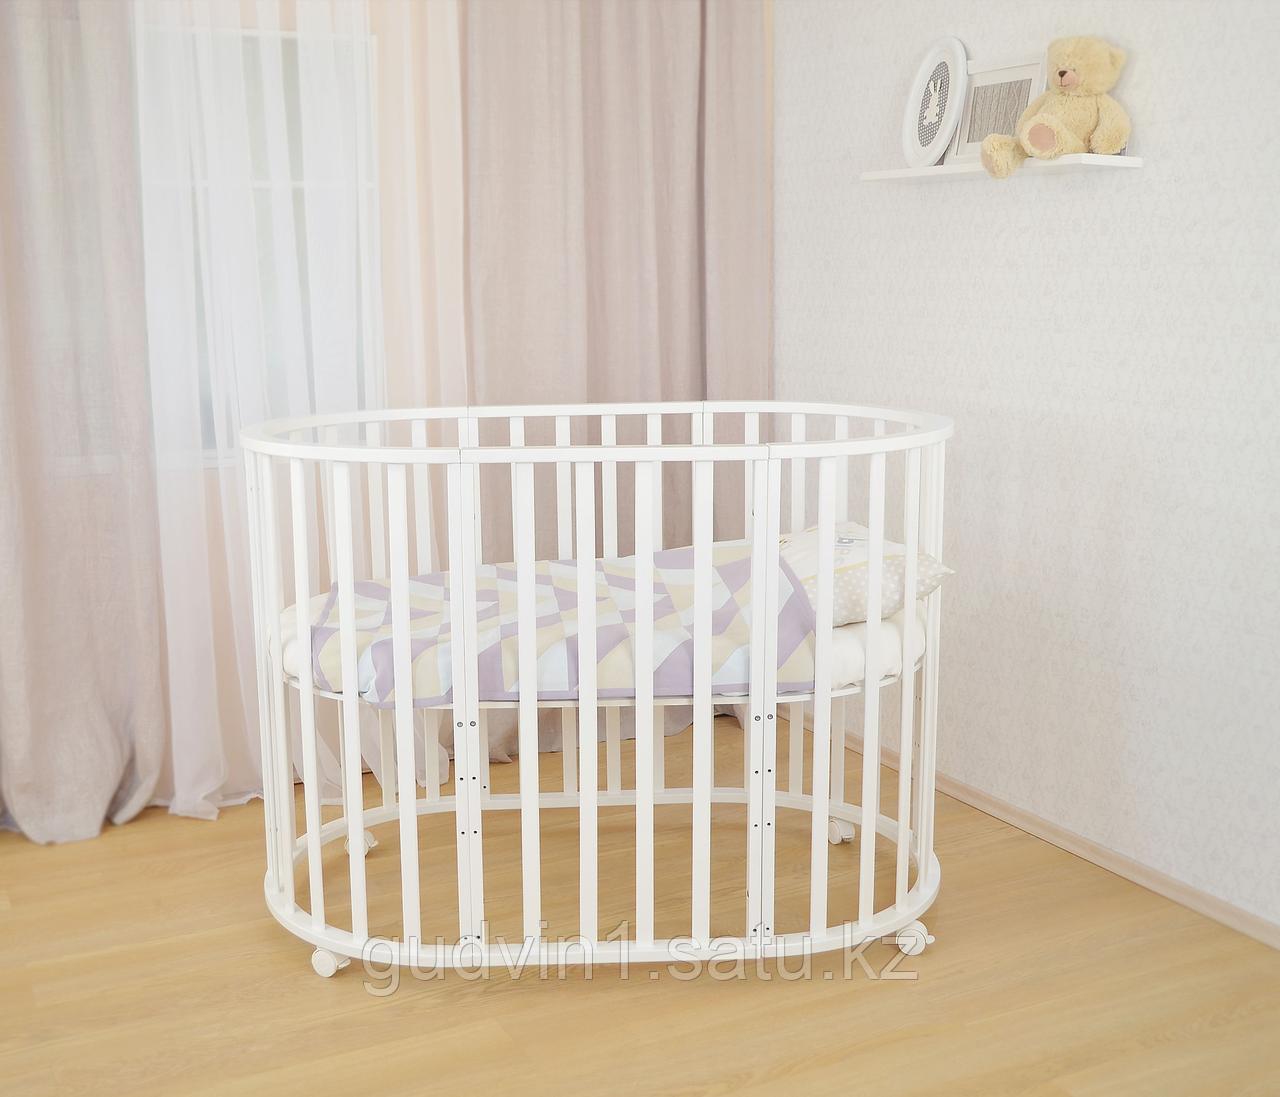 Круглая-овальная кровать трансформер 7в1 СКВ-1010111 белая,сл.кость